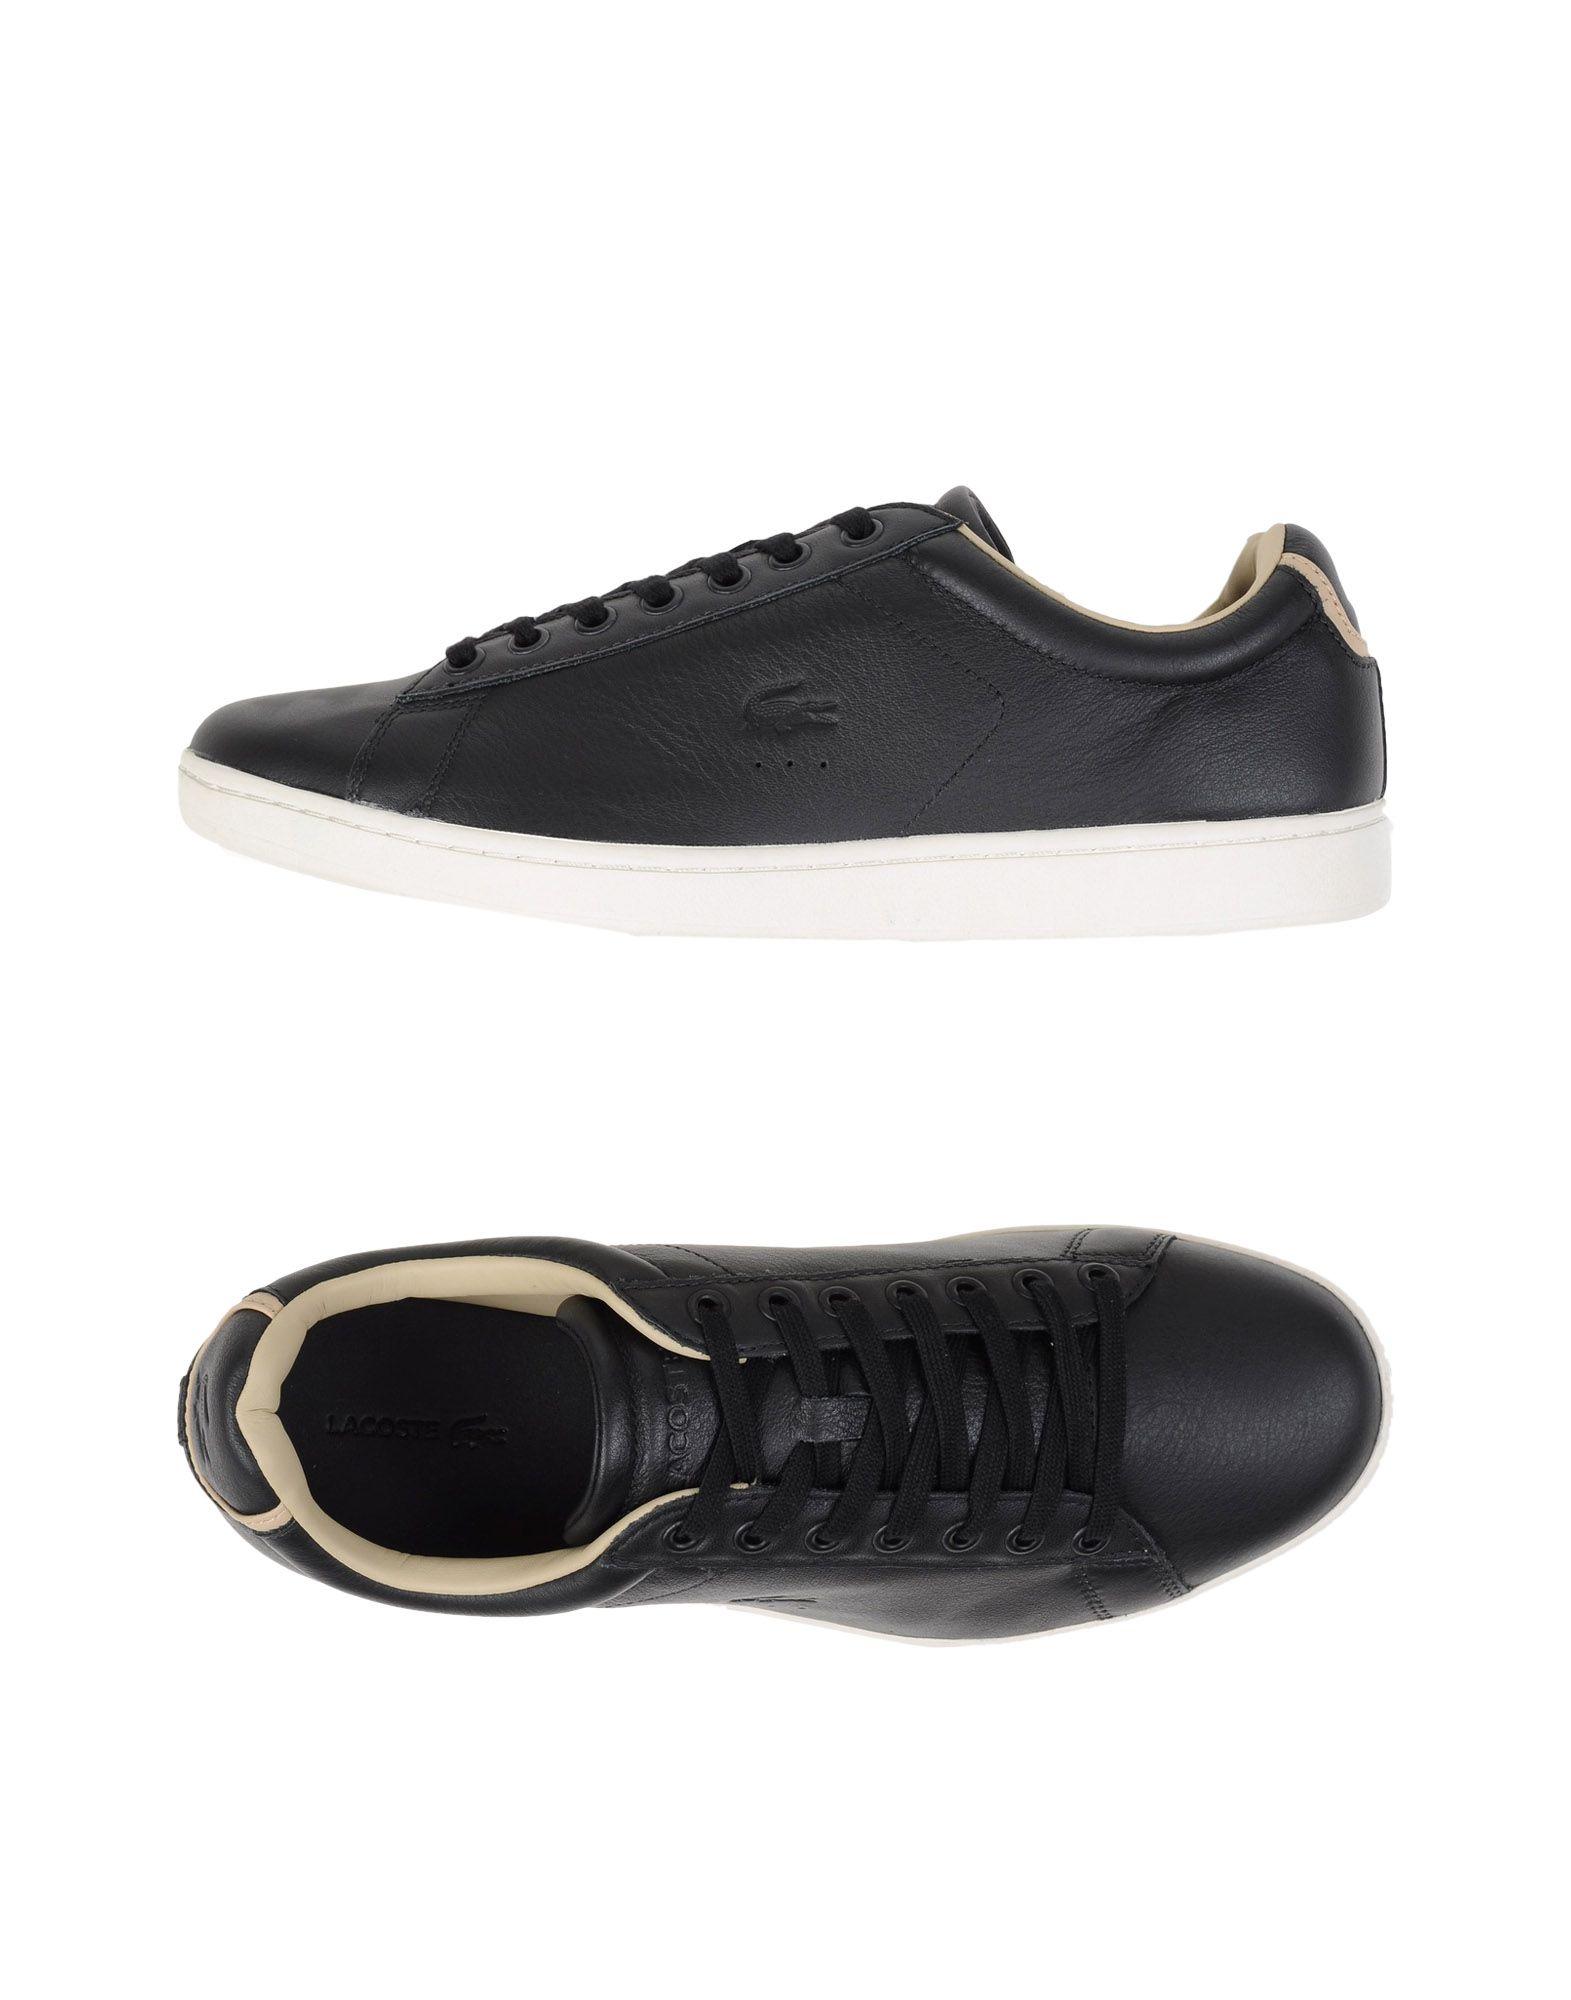 Rabatt echte Schuhe Lacoste Carnaby Evo 316 1  11106951OJ